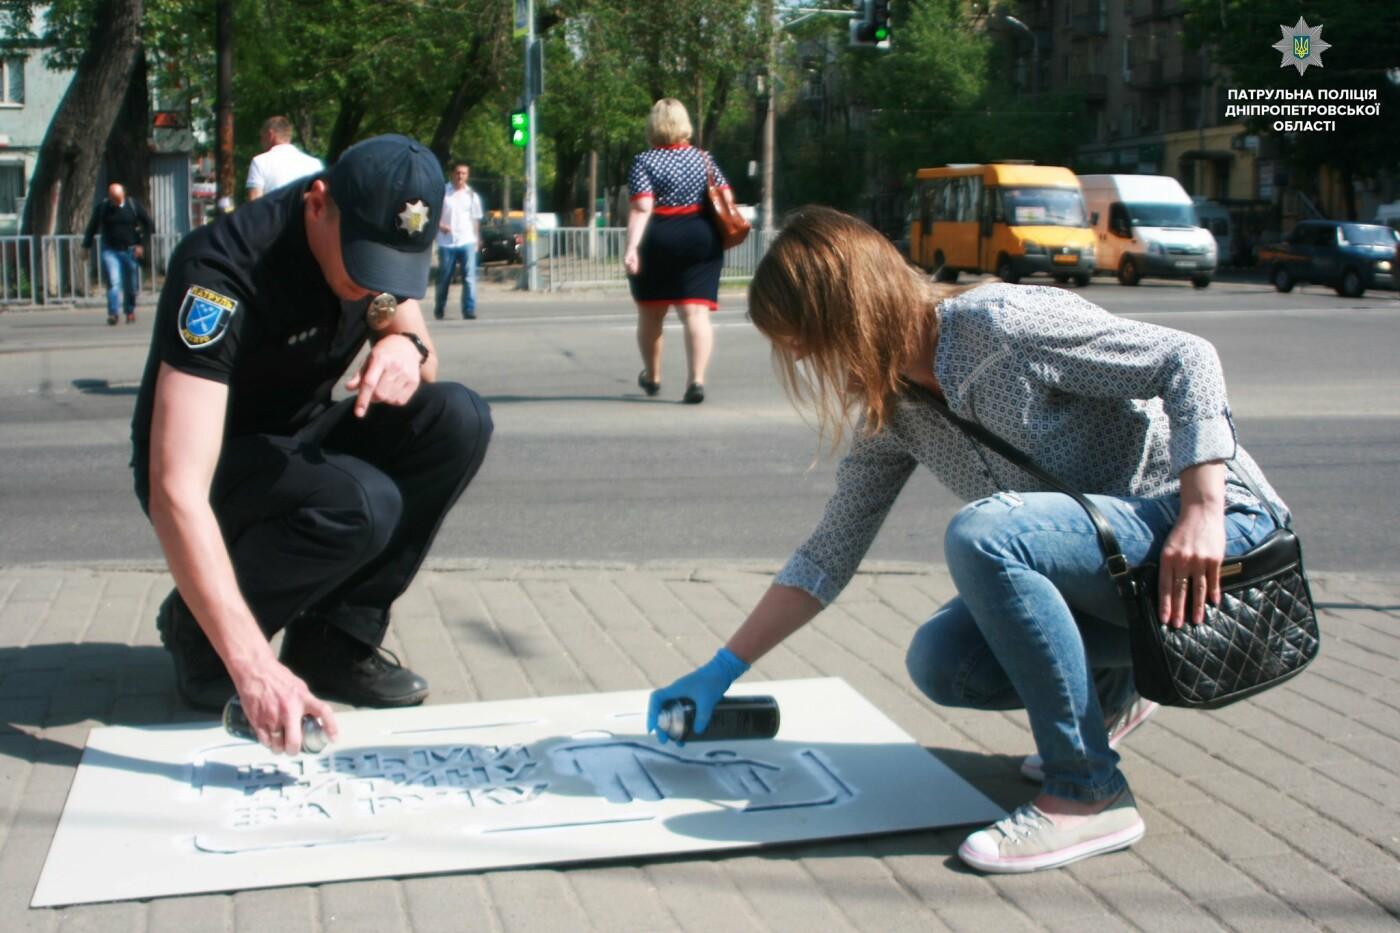 Сними наушники и спрячь телефон: в Днепре на тротуарах появились надписи для пешеходов, фото-8